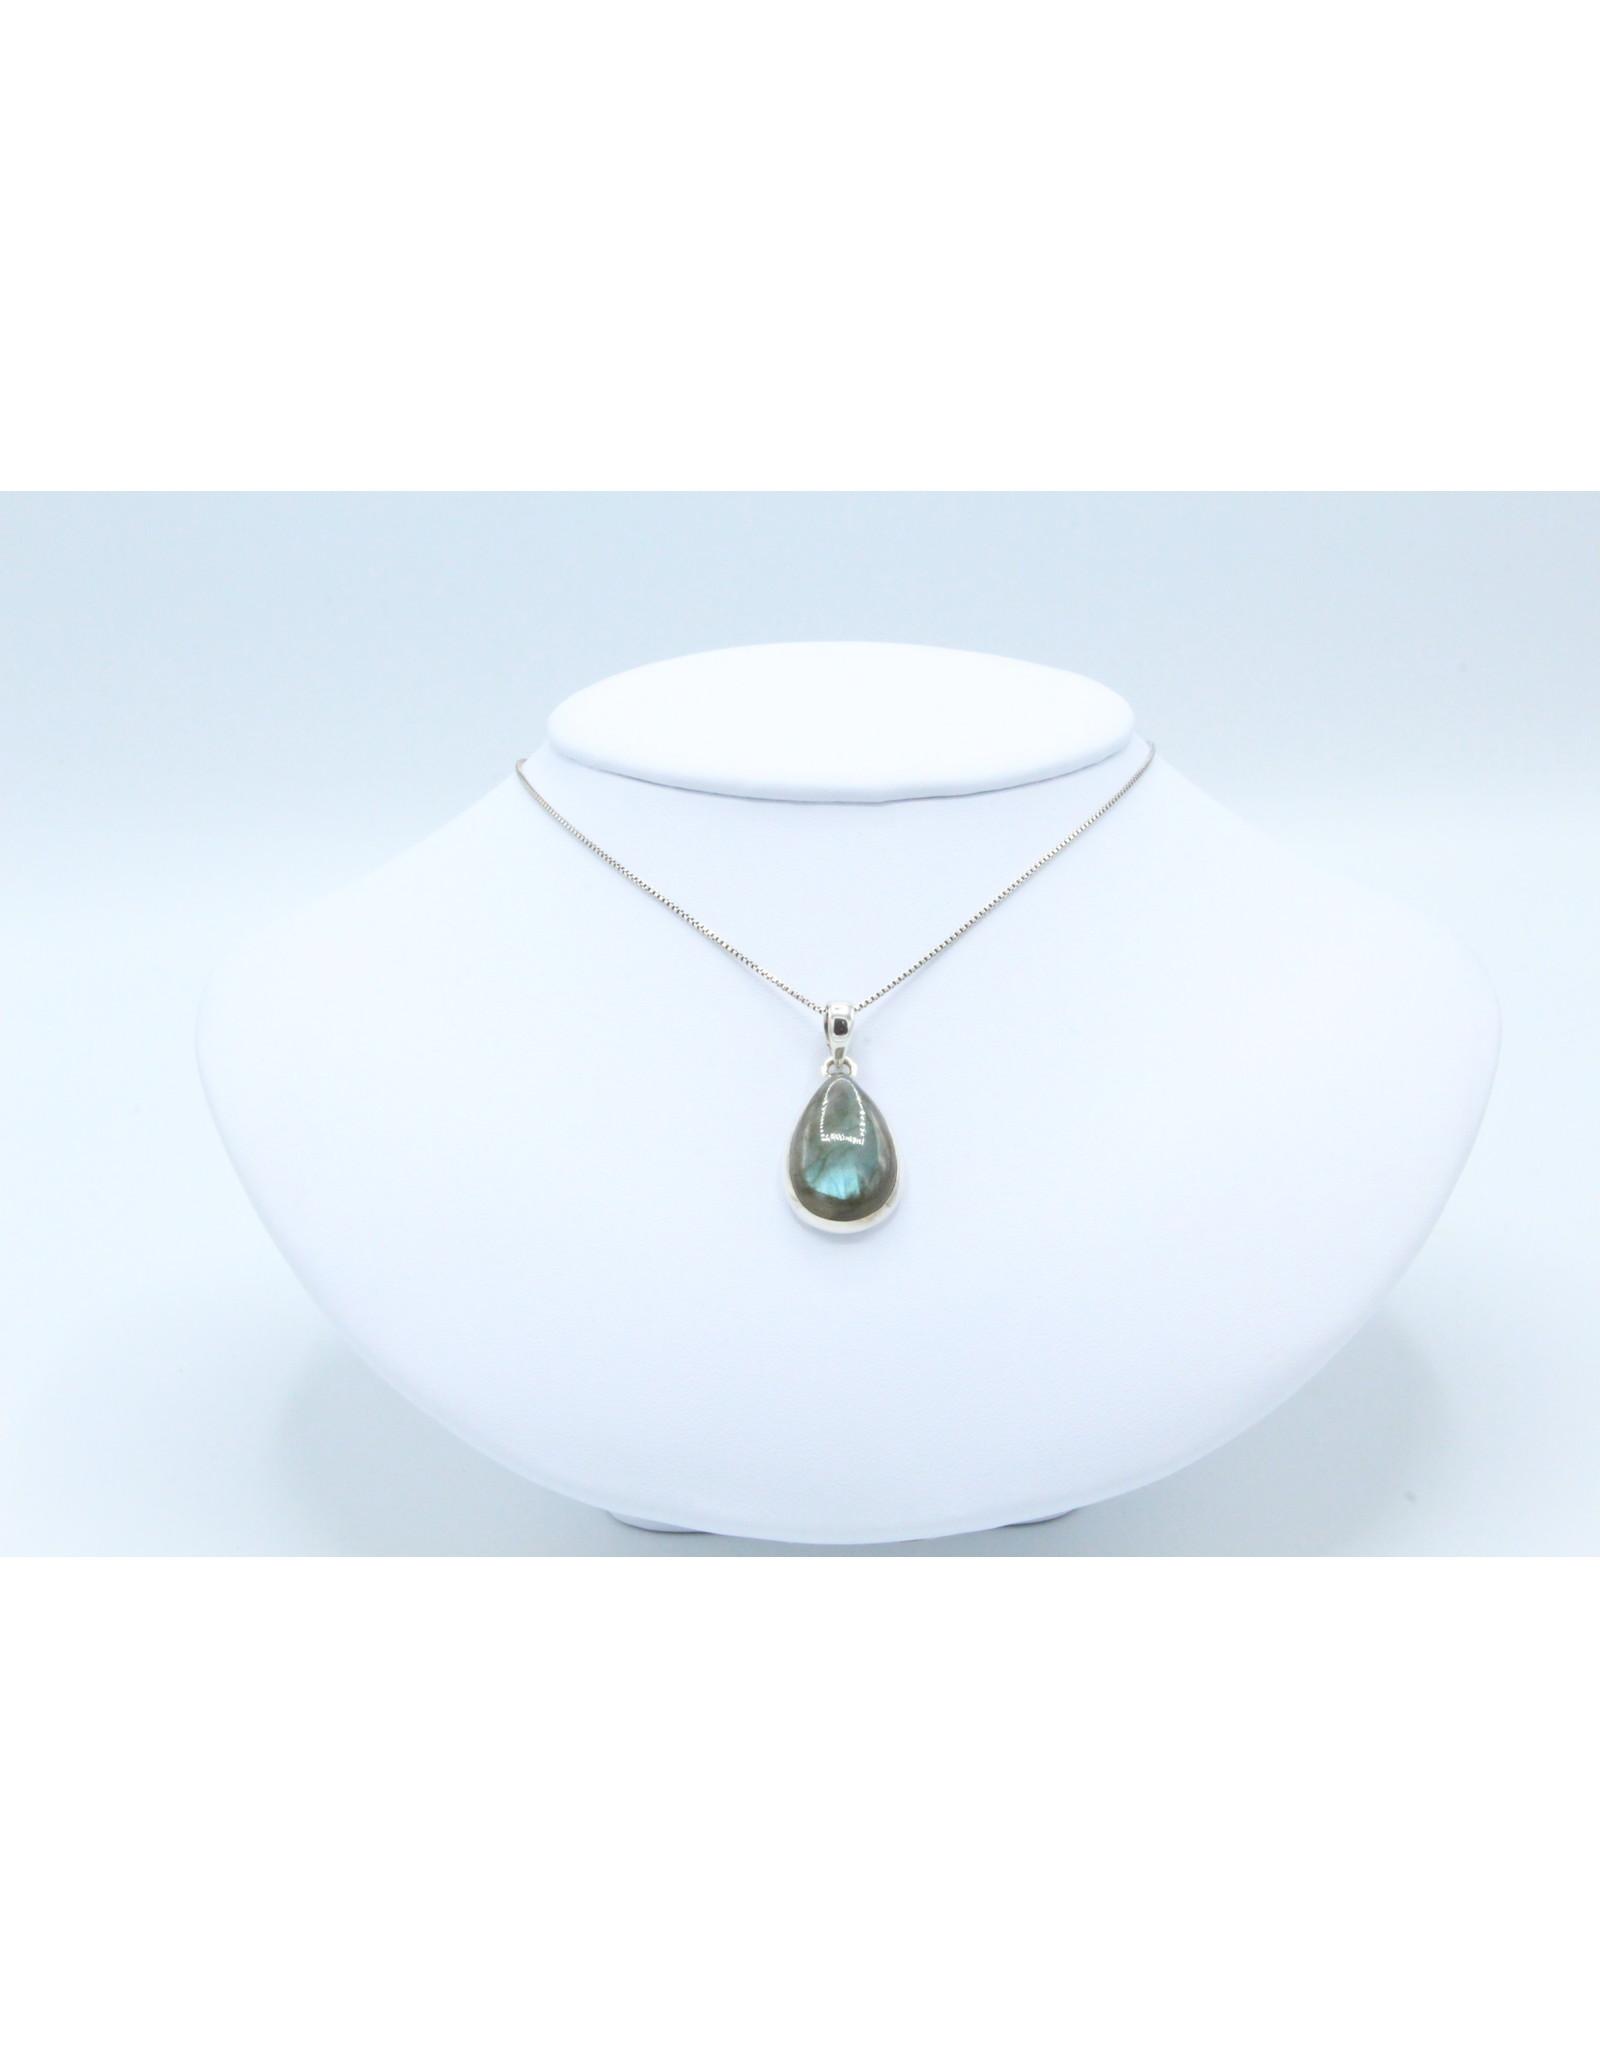 Labradorite Necklace - 104472